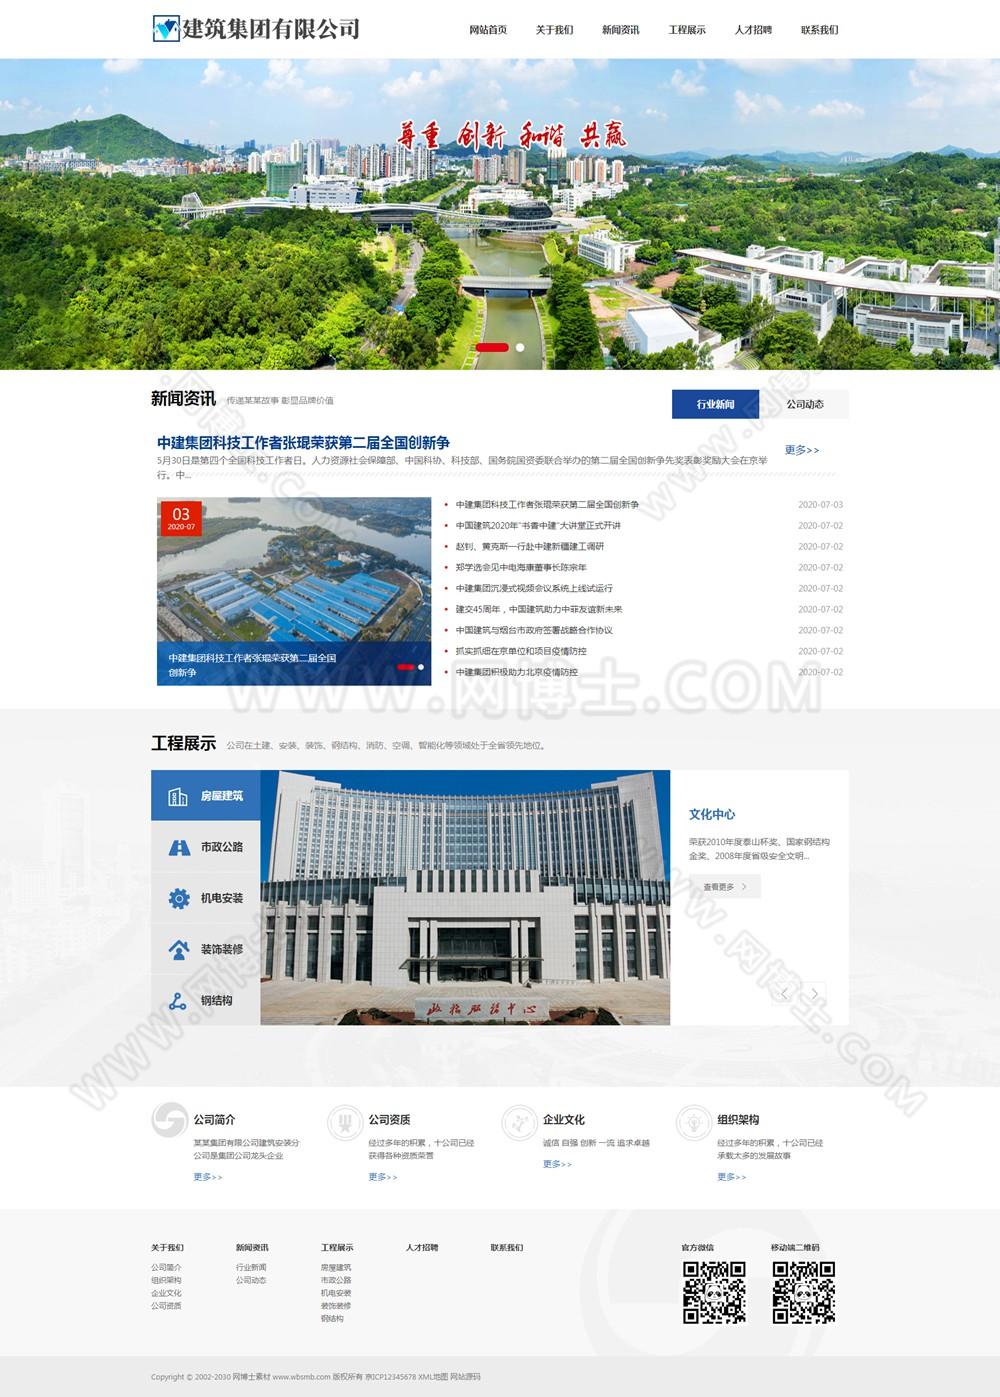 (自适应手机版)响应式建筑工程集团公司类网站织梦模板 HTML5工程建筑公司网站源码